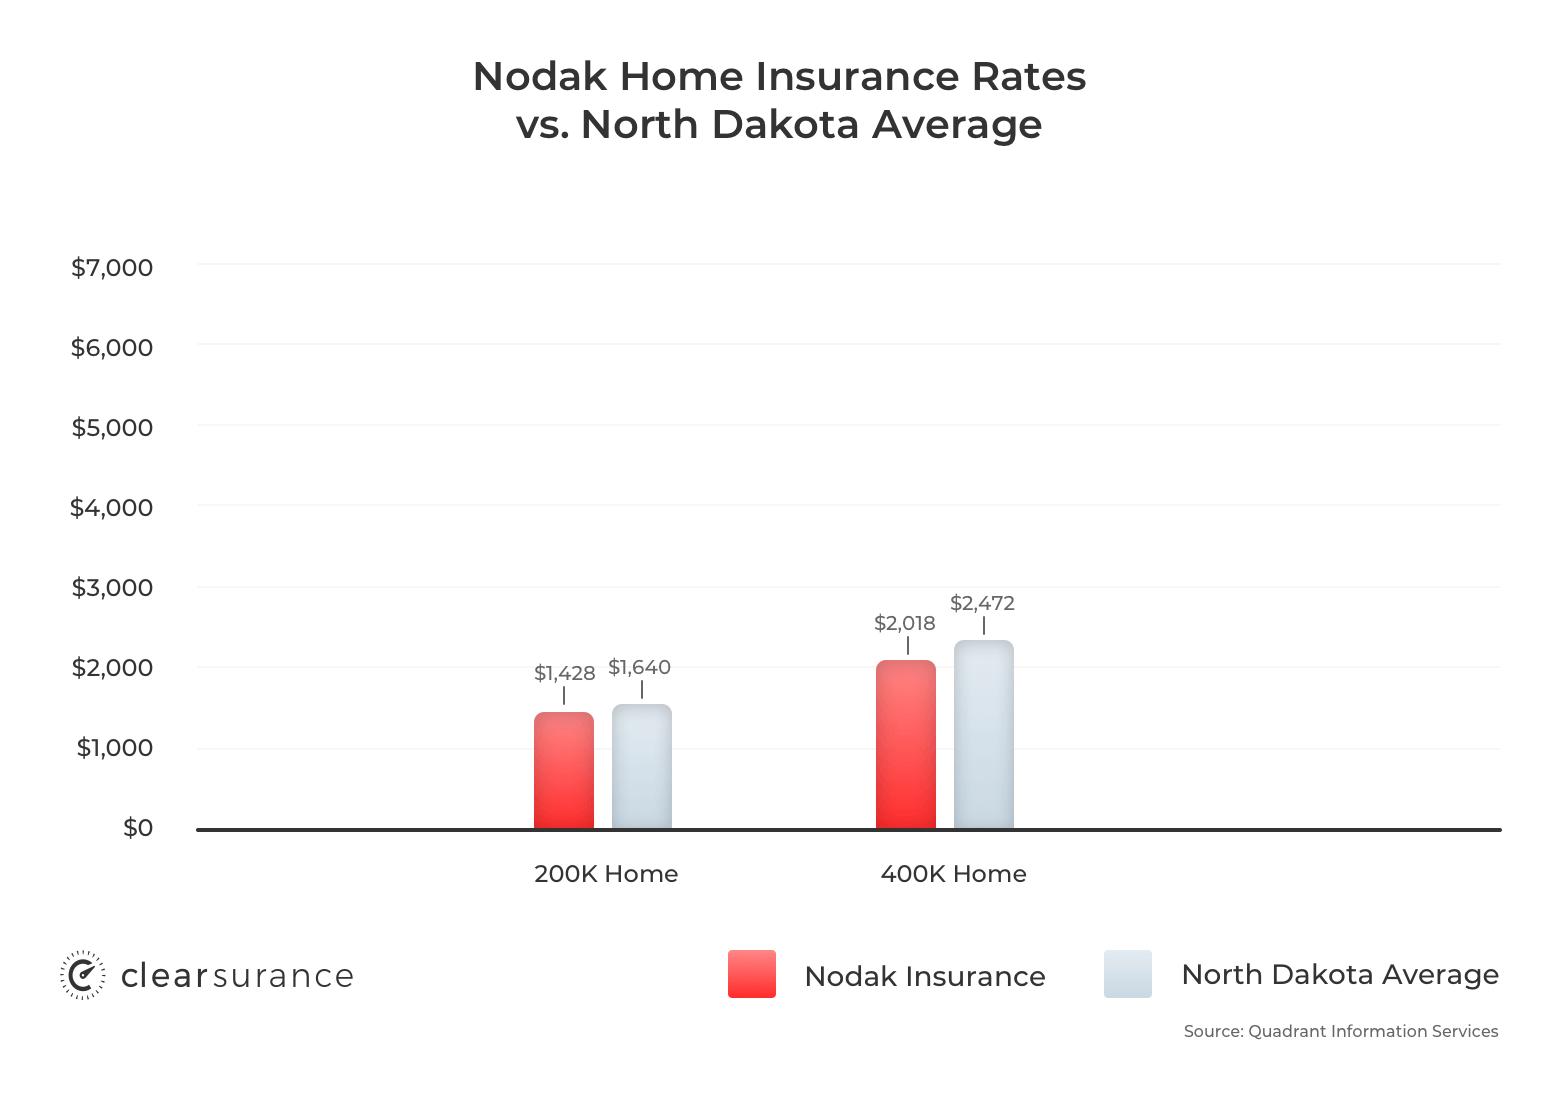 Nodak homeowners insurance rates